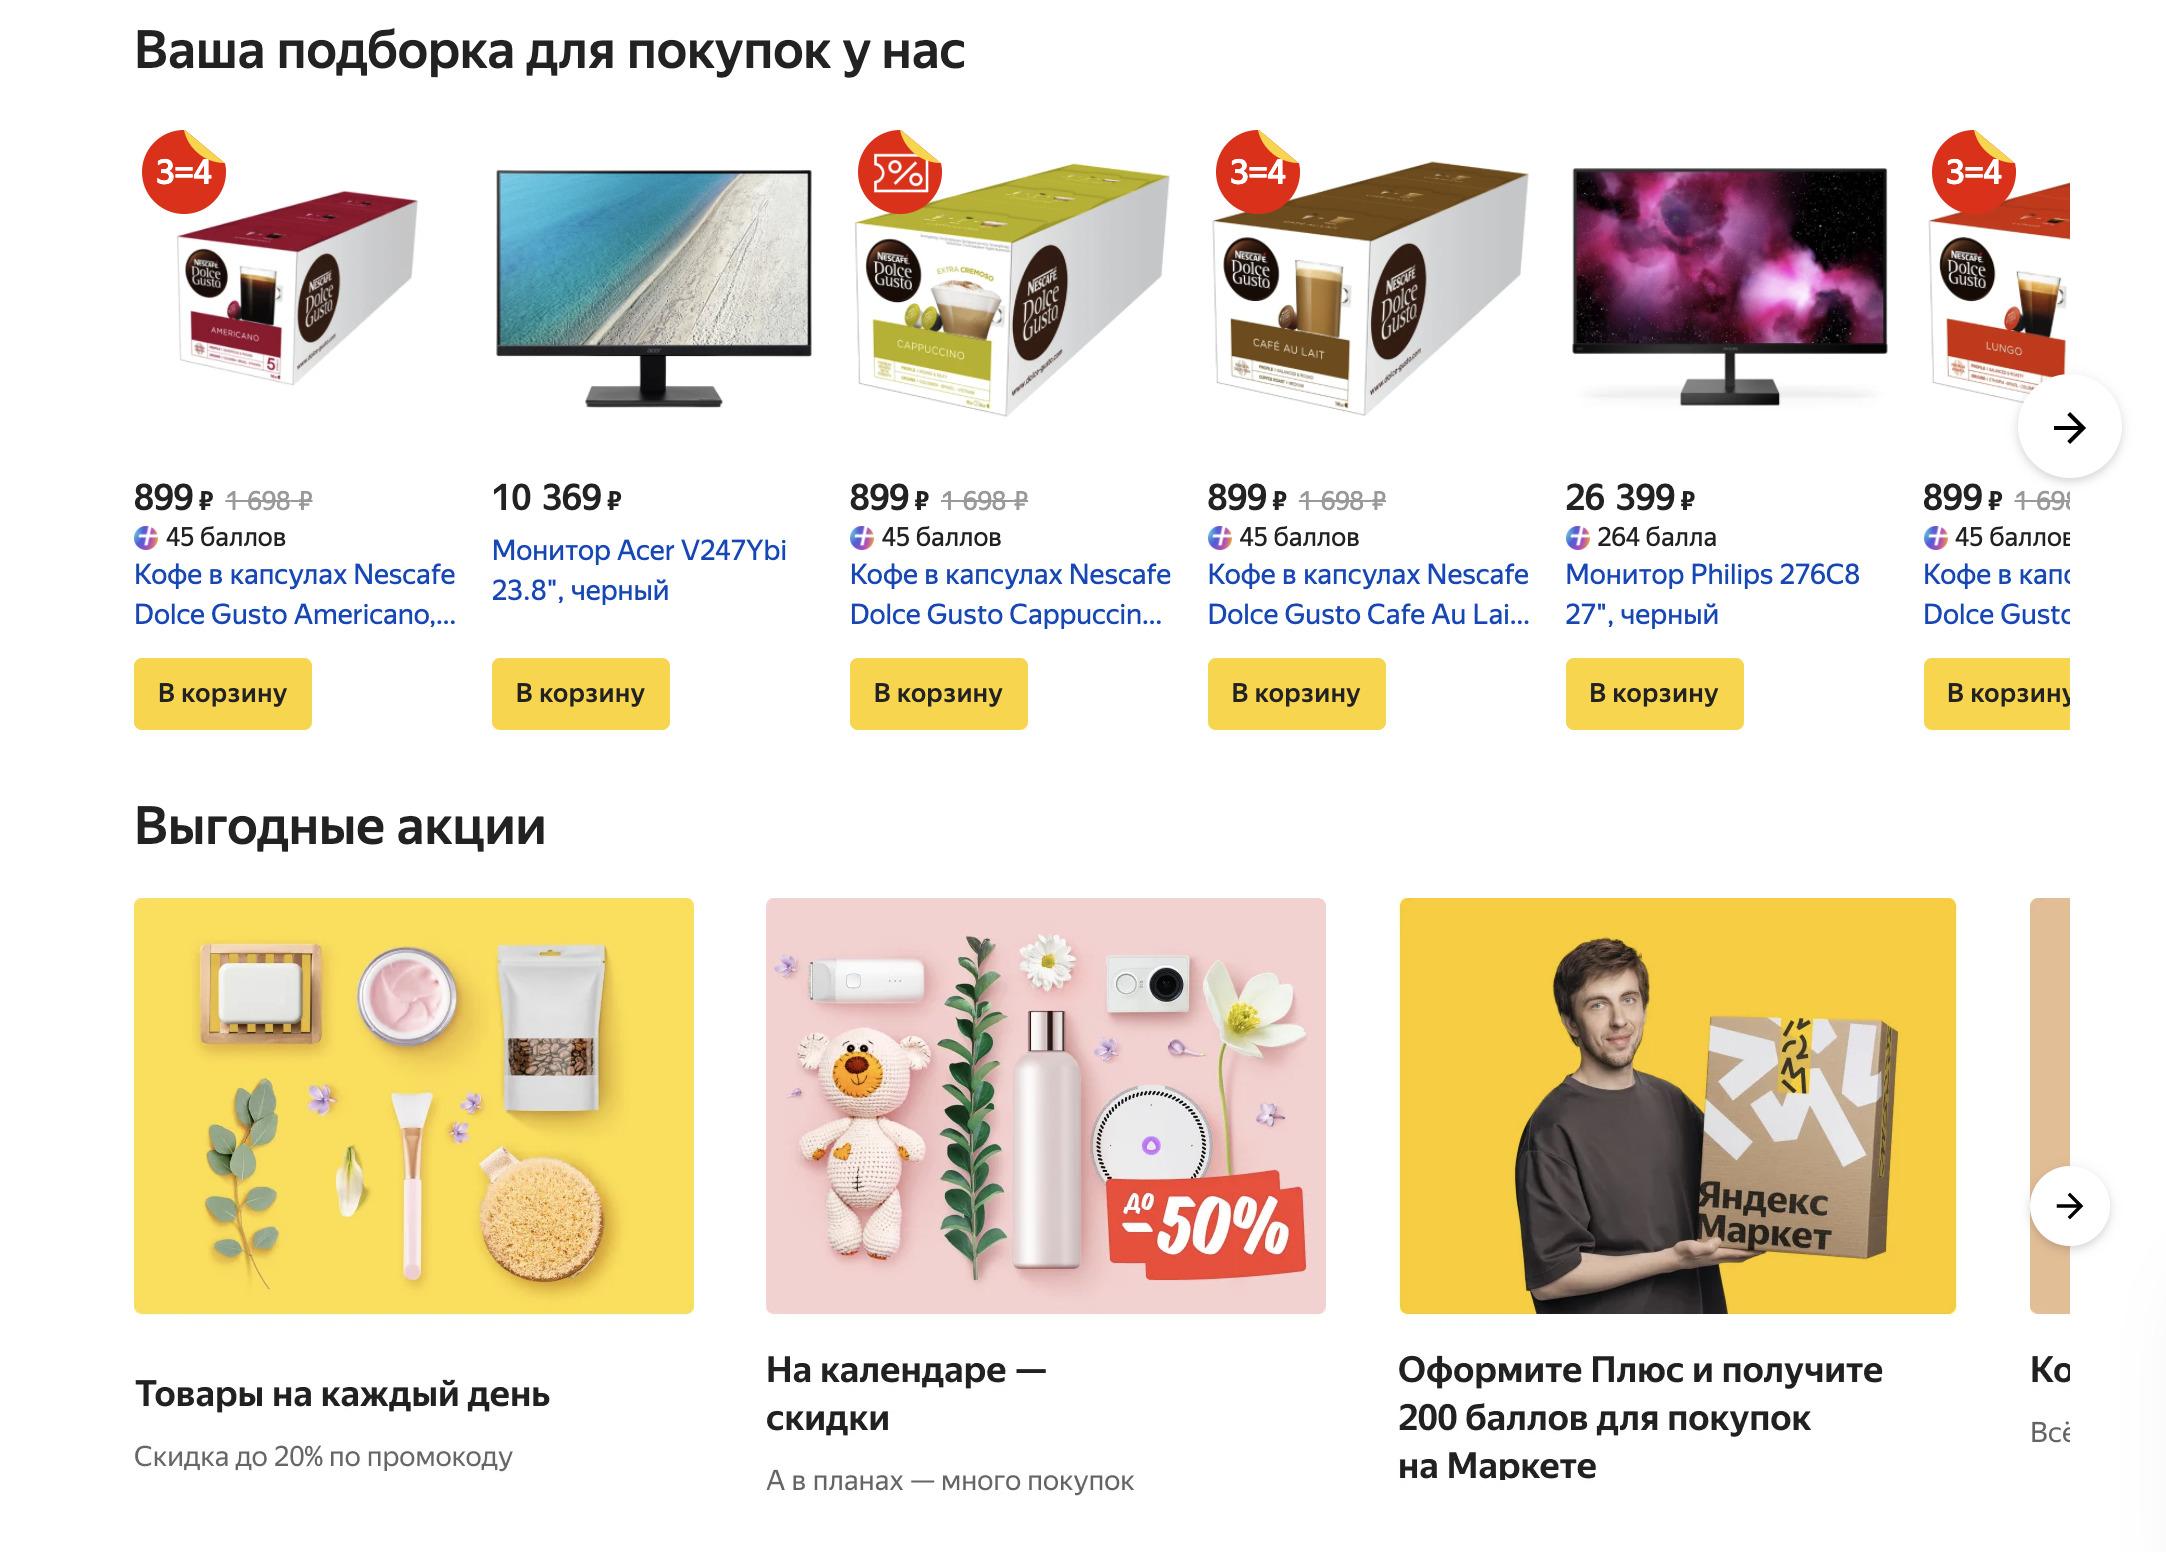 Доставка из Яндекс.Маркет в Избербаш, сроки, пункты выдачи, каталог